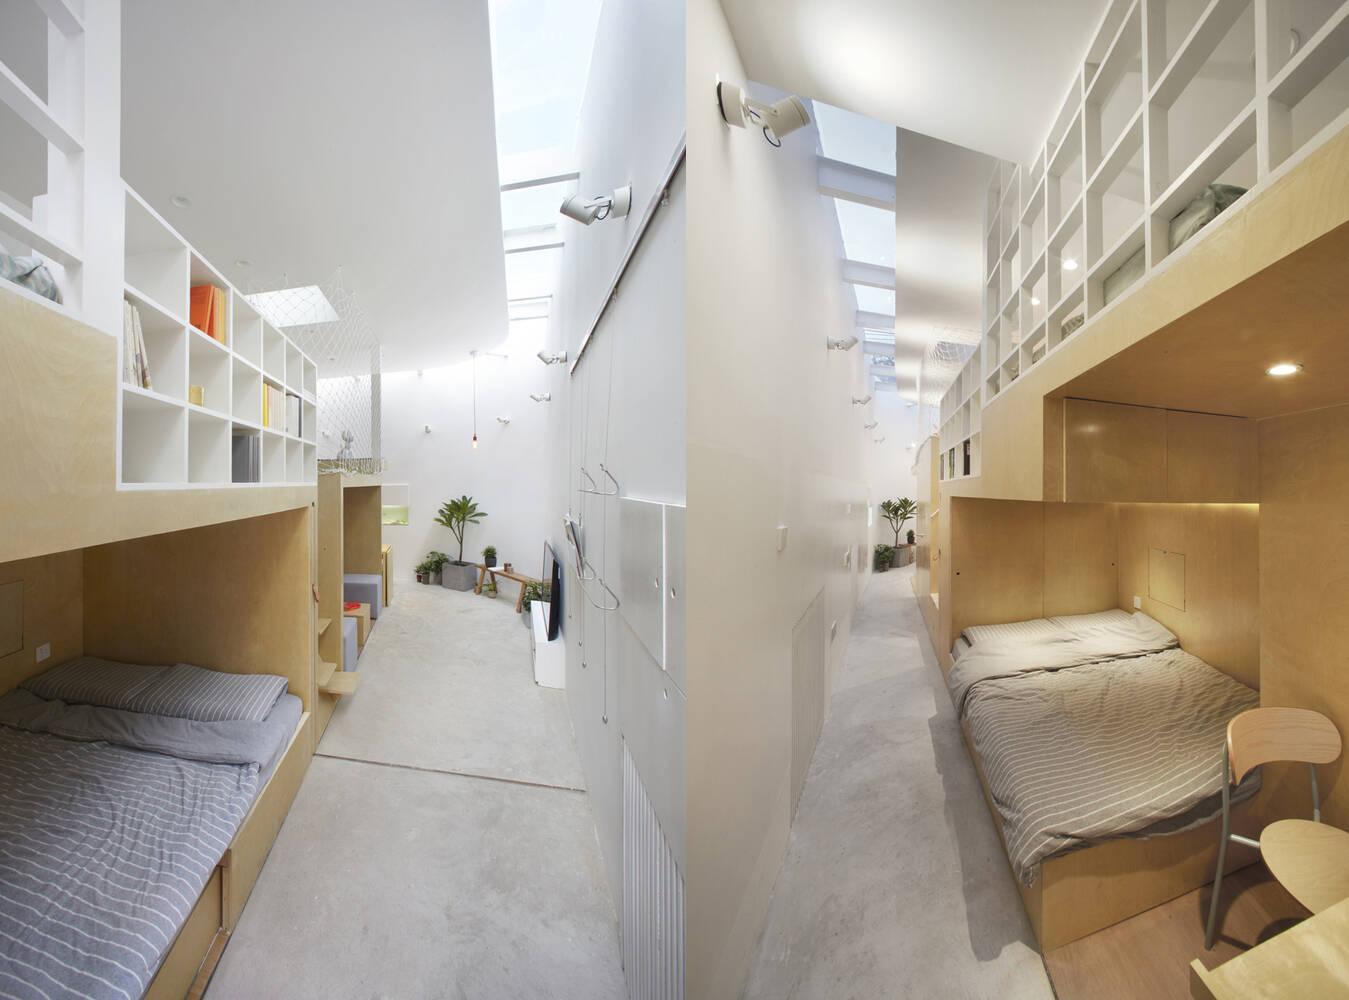 Sự nhỏ hẹp của ngôi nhà là thách thức cải tạo đối với kiến trúc sư